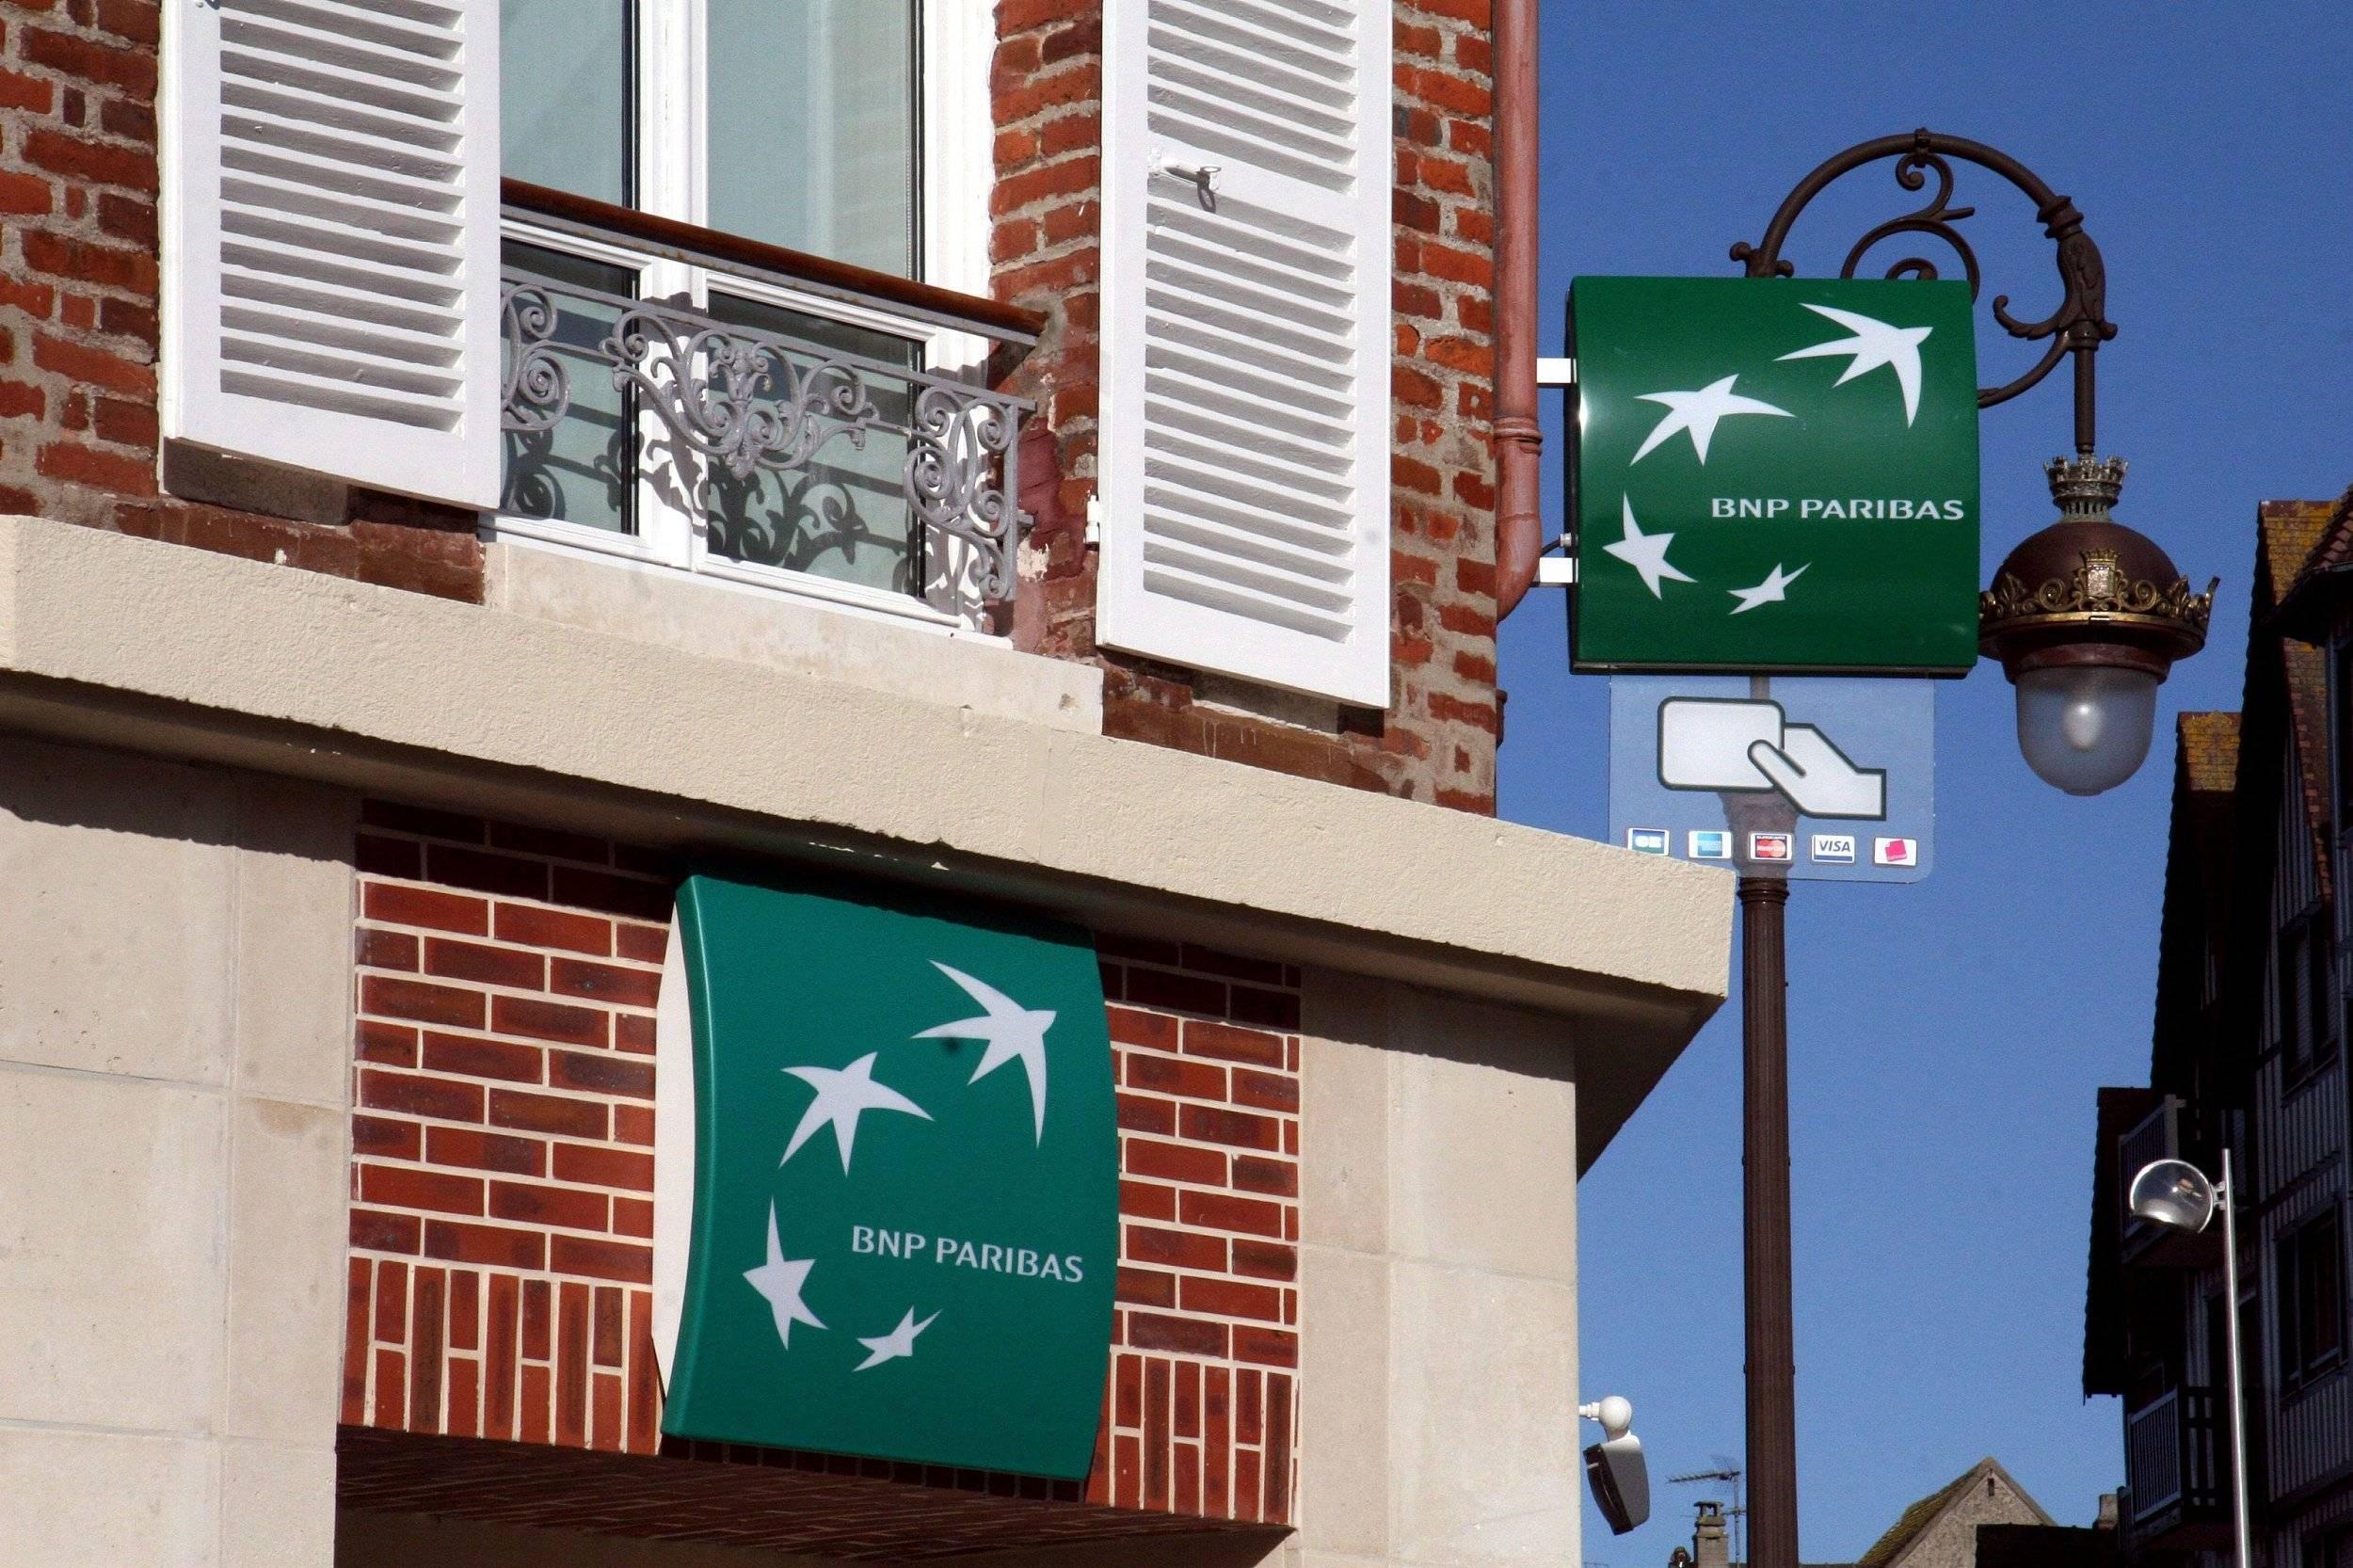 又见外资大行加码中国!法国巴黎银行拟在华新设券商,金融大鳄们为何加速入场?